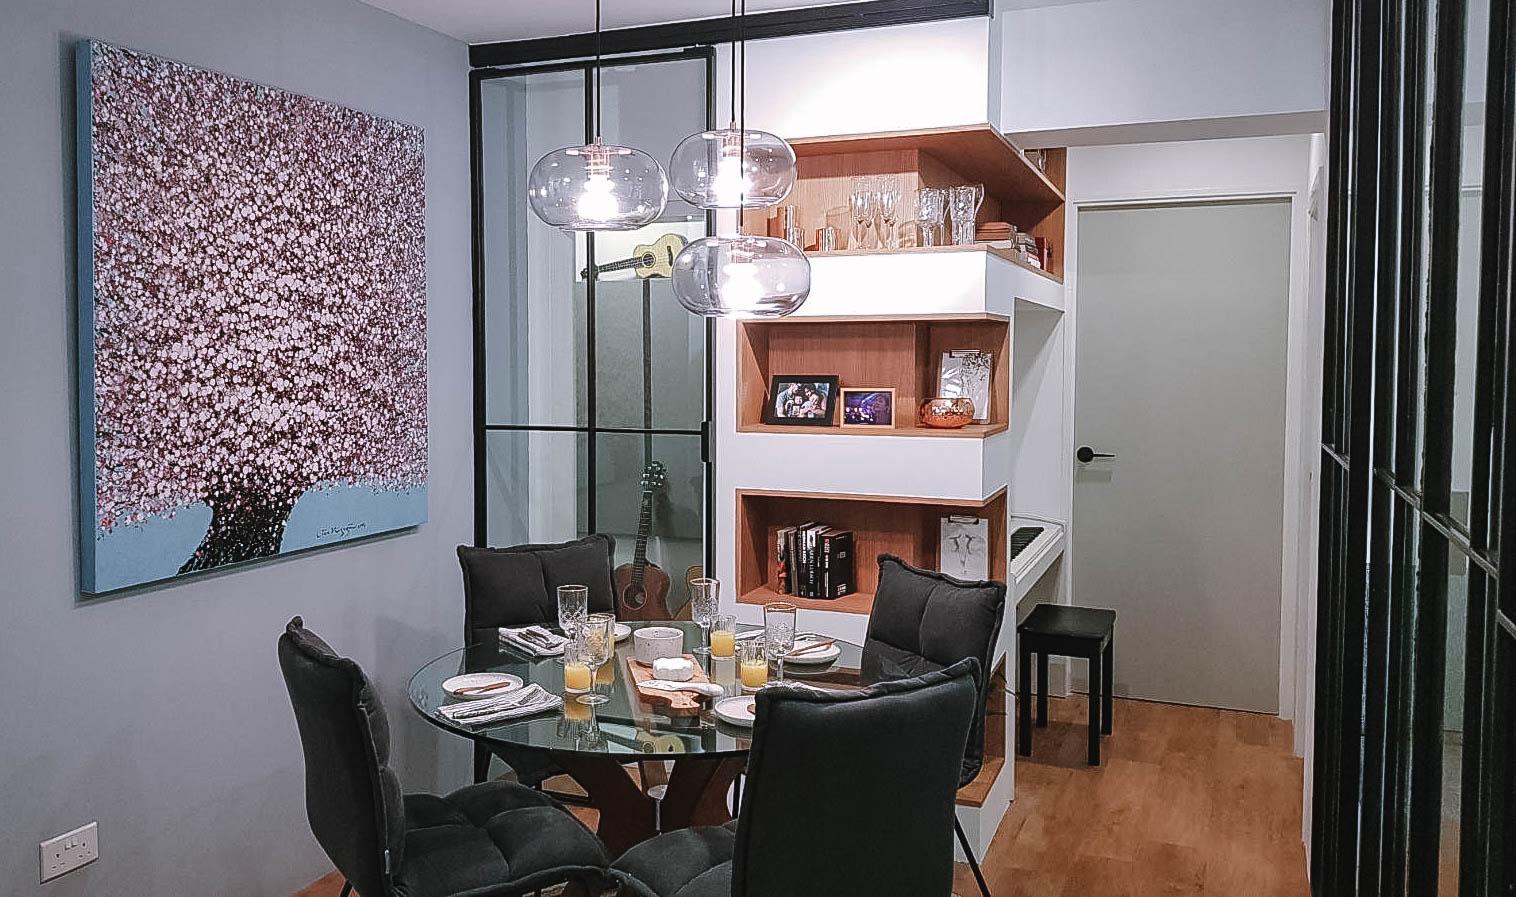 Apartment Design Dining Room